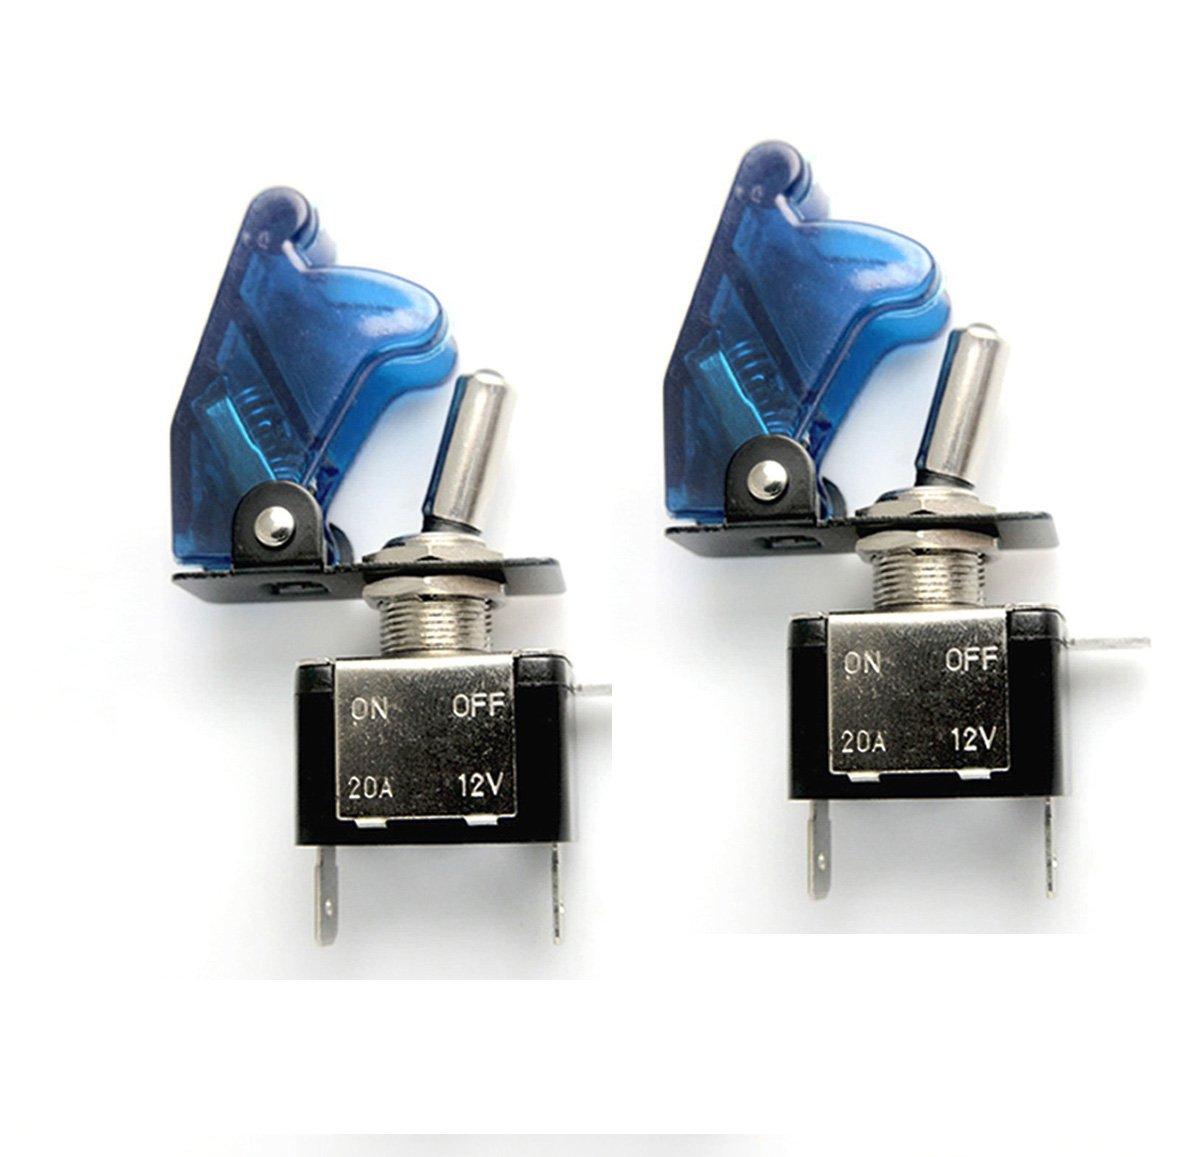 HOTSYSTEM 2x 12V 20A Interrupteur à Bascule ON/OFF pour Voiture Bateu avec LED bleu EKDE-CP-03x2-1